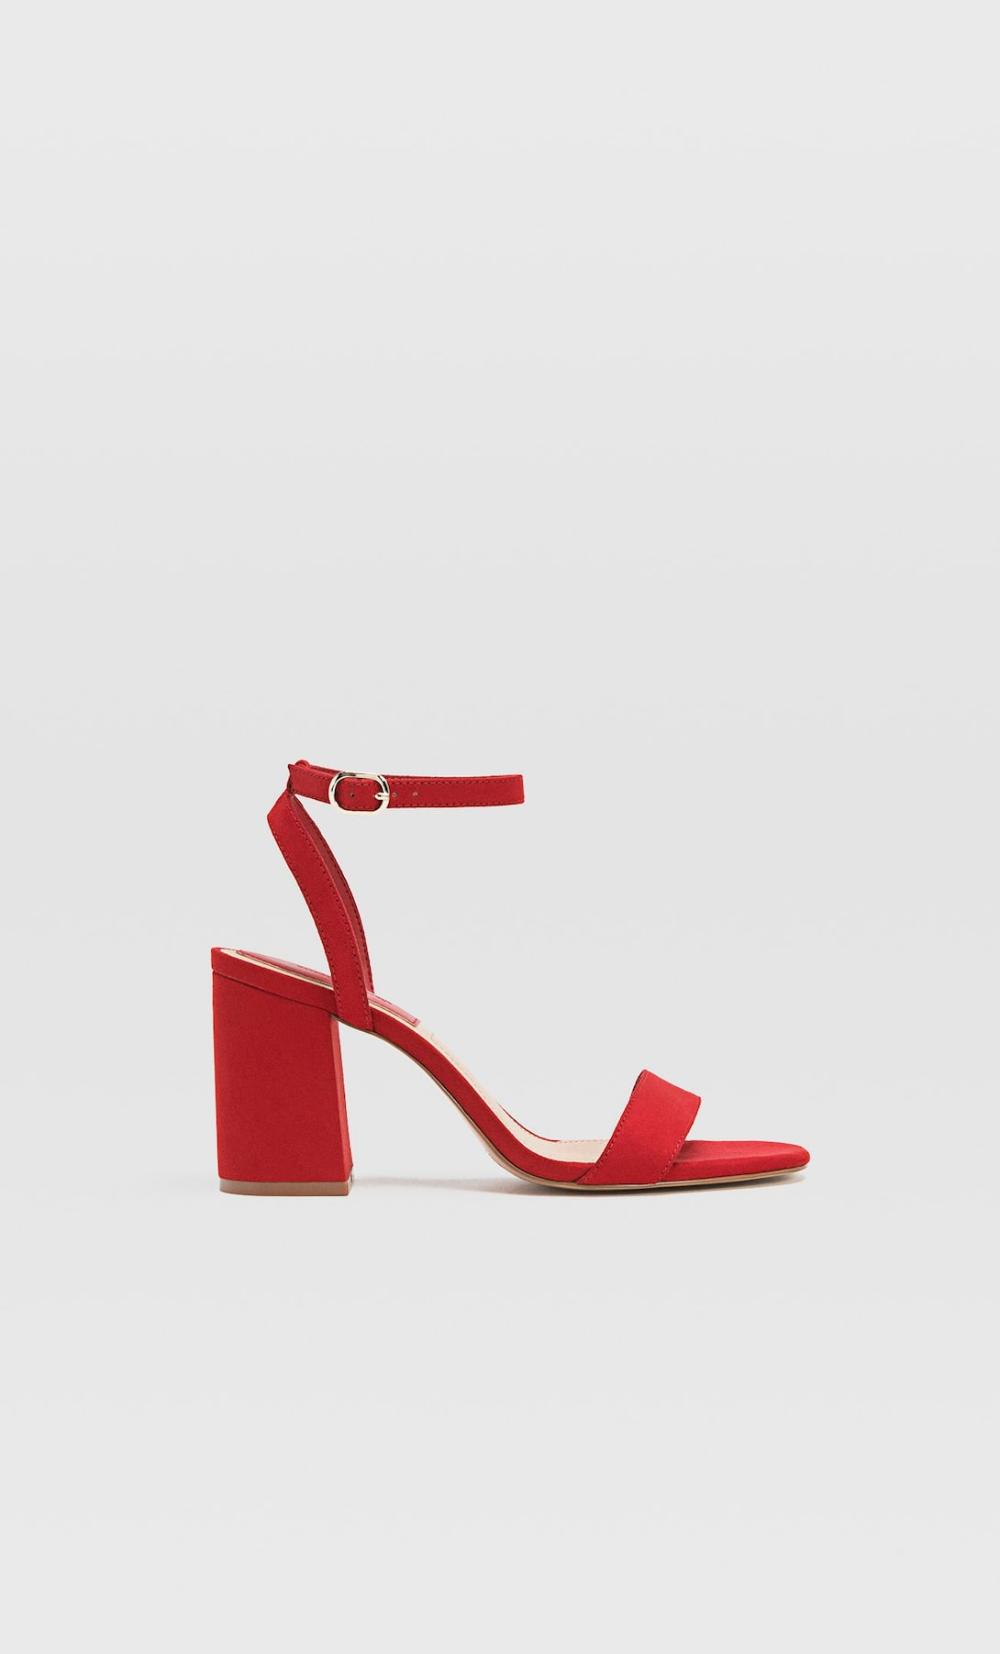 Sandales à talon carré rouges en 2020 | Sandales à talons